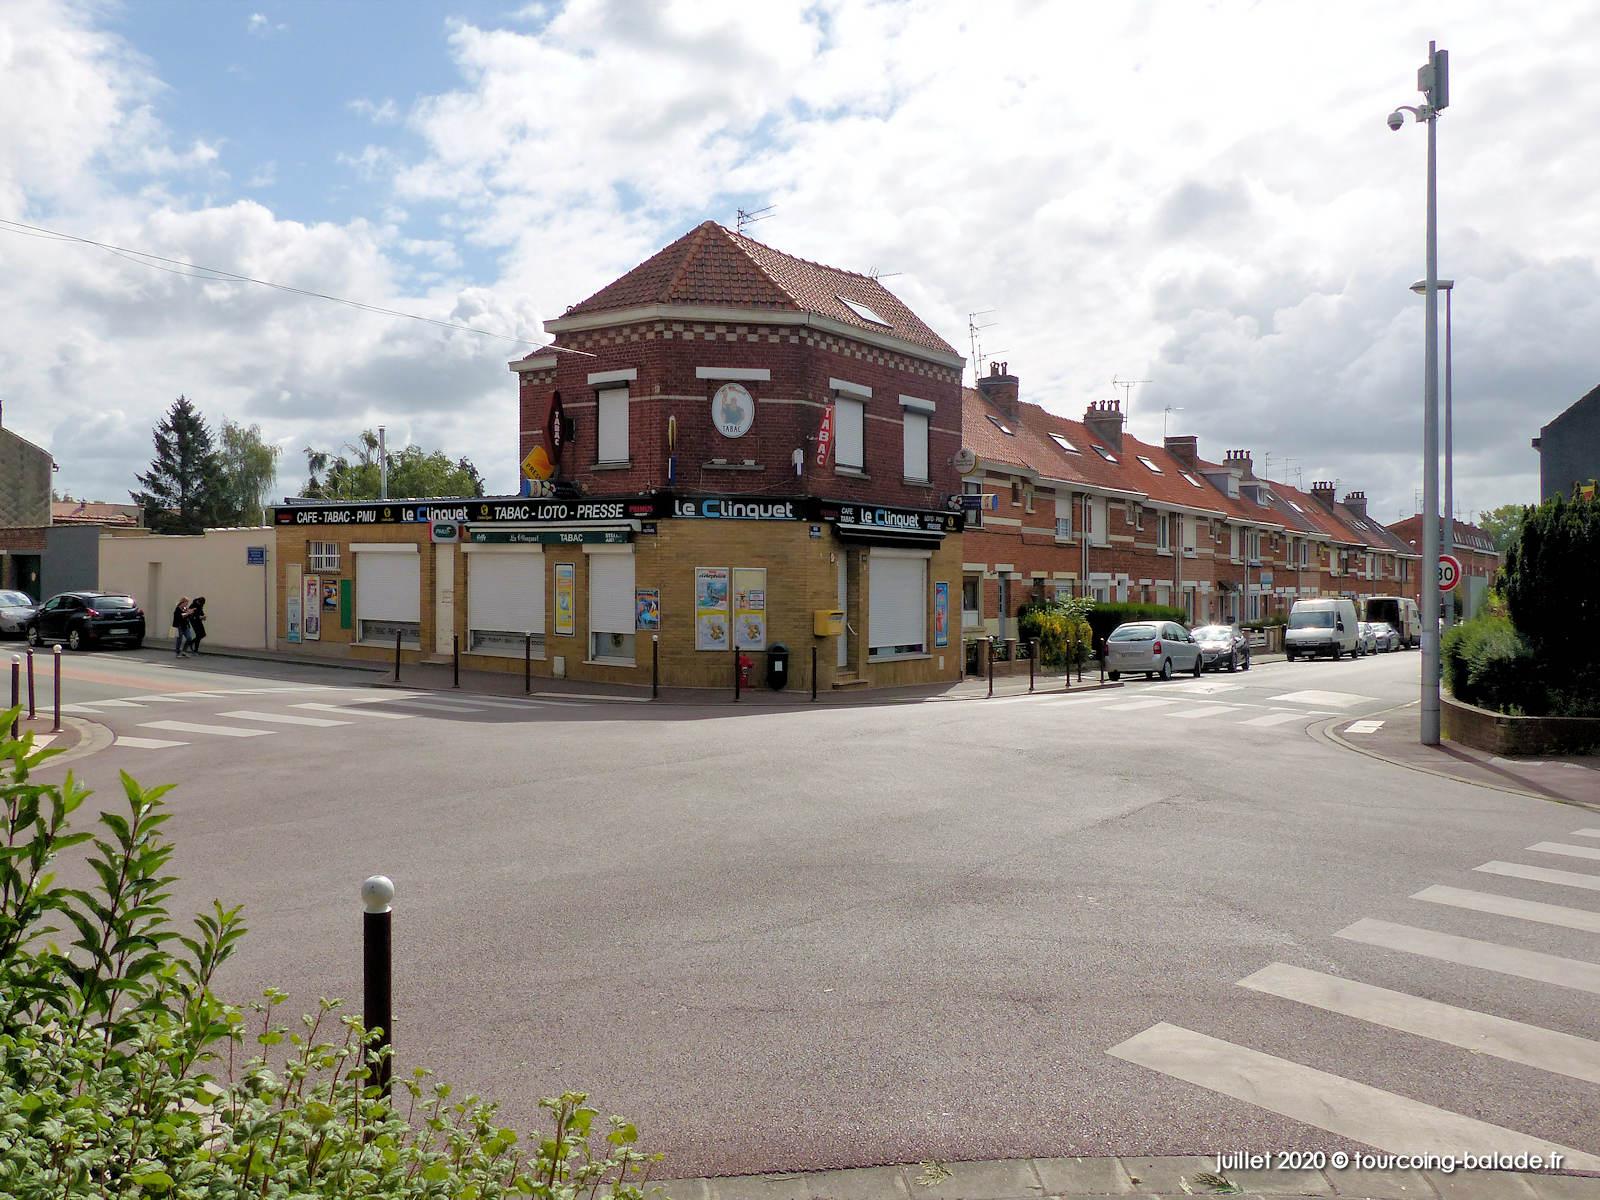 Tourcoing - Carrefour rues Voltaire et du Clinquet